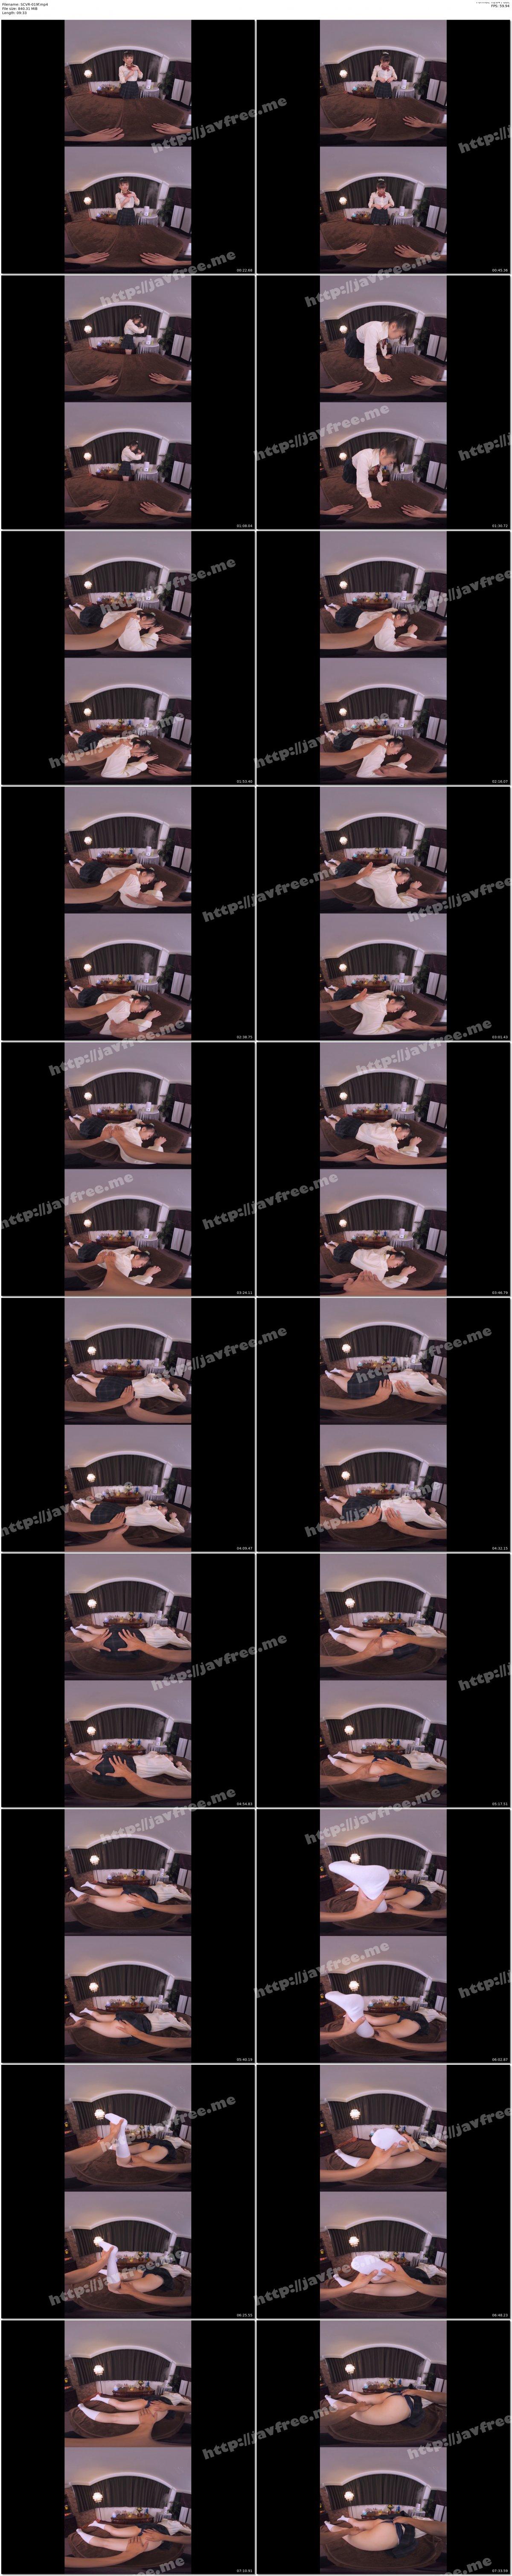 [SCVR-019] 【VR】長尺VR!リアル悪徳エステ体験!女子●生に媚薬を飲ませ高級オイルマッサージで感度覚醒!コリをほぐすだけとグチョグチョに興奮したマ●コを刺激して痙攣するまで生中出し!女子●生特別編!五十嵐星蘭 葉月もえ - image SCVR-019f on https://javfree.me